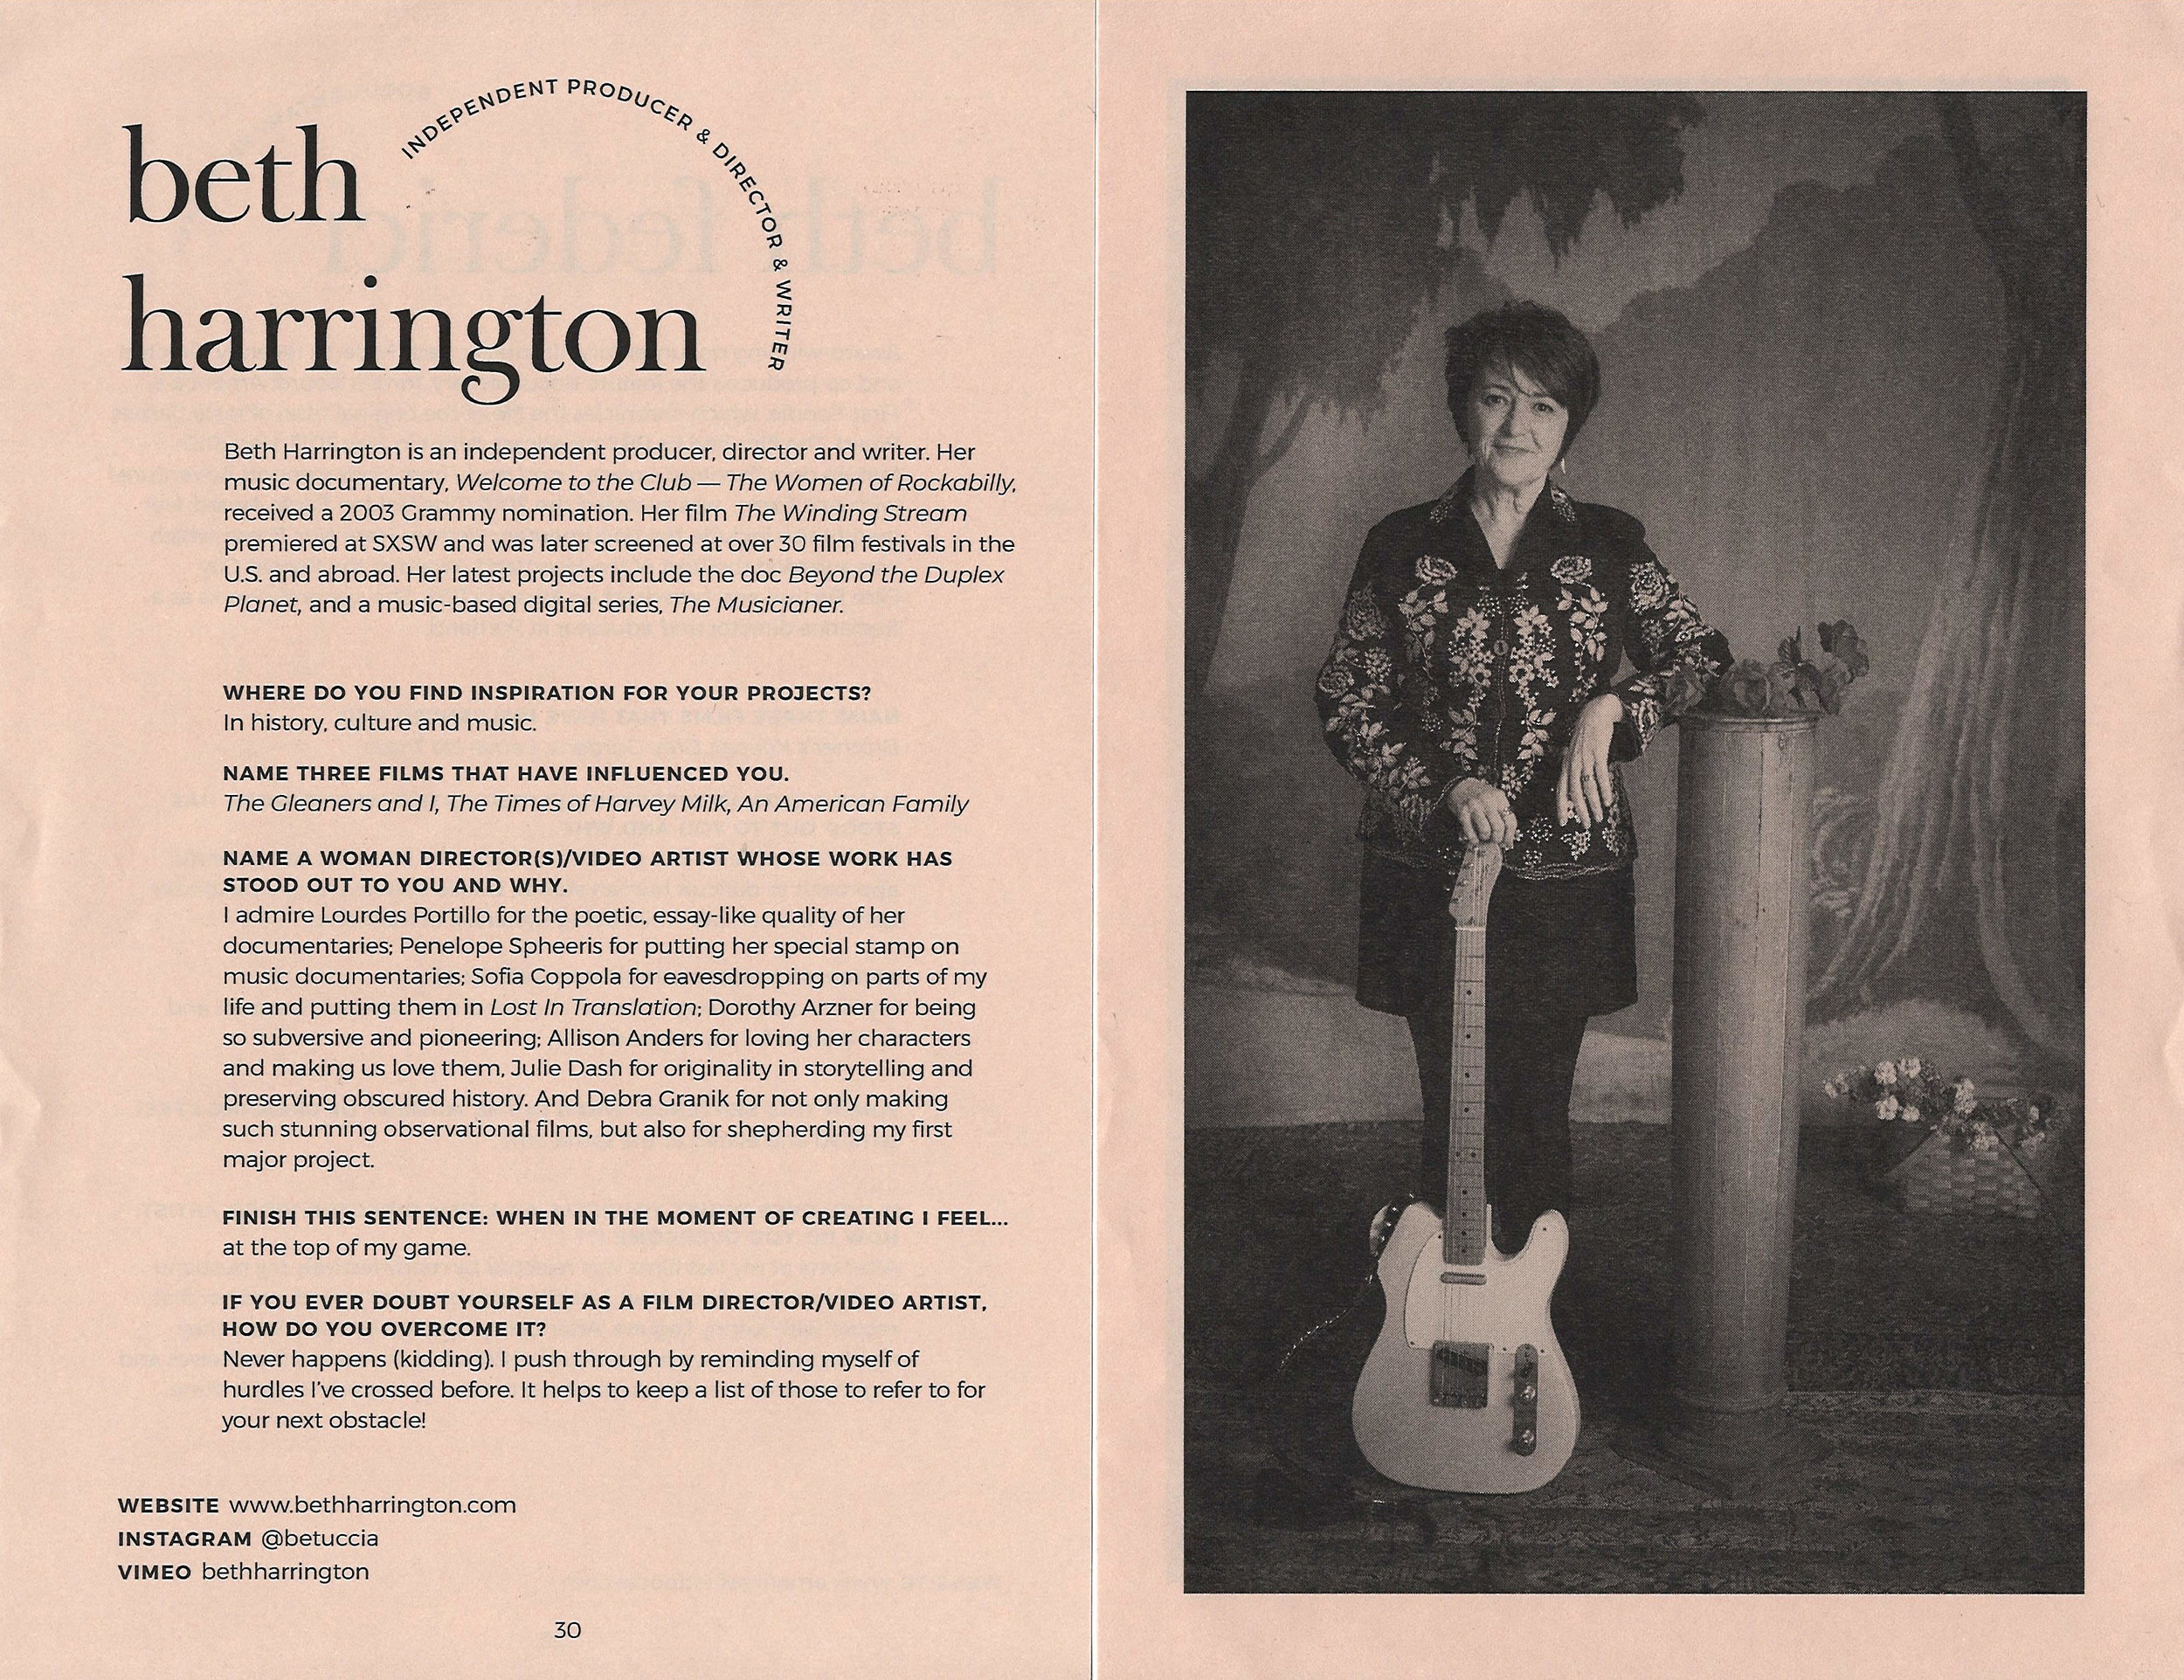 7. BethHarrington_Full.JPG